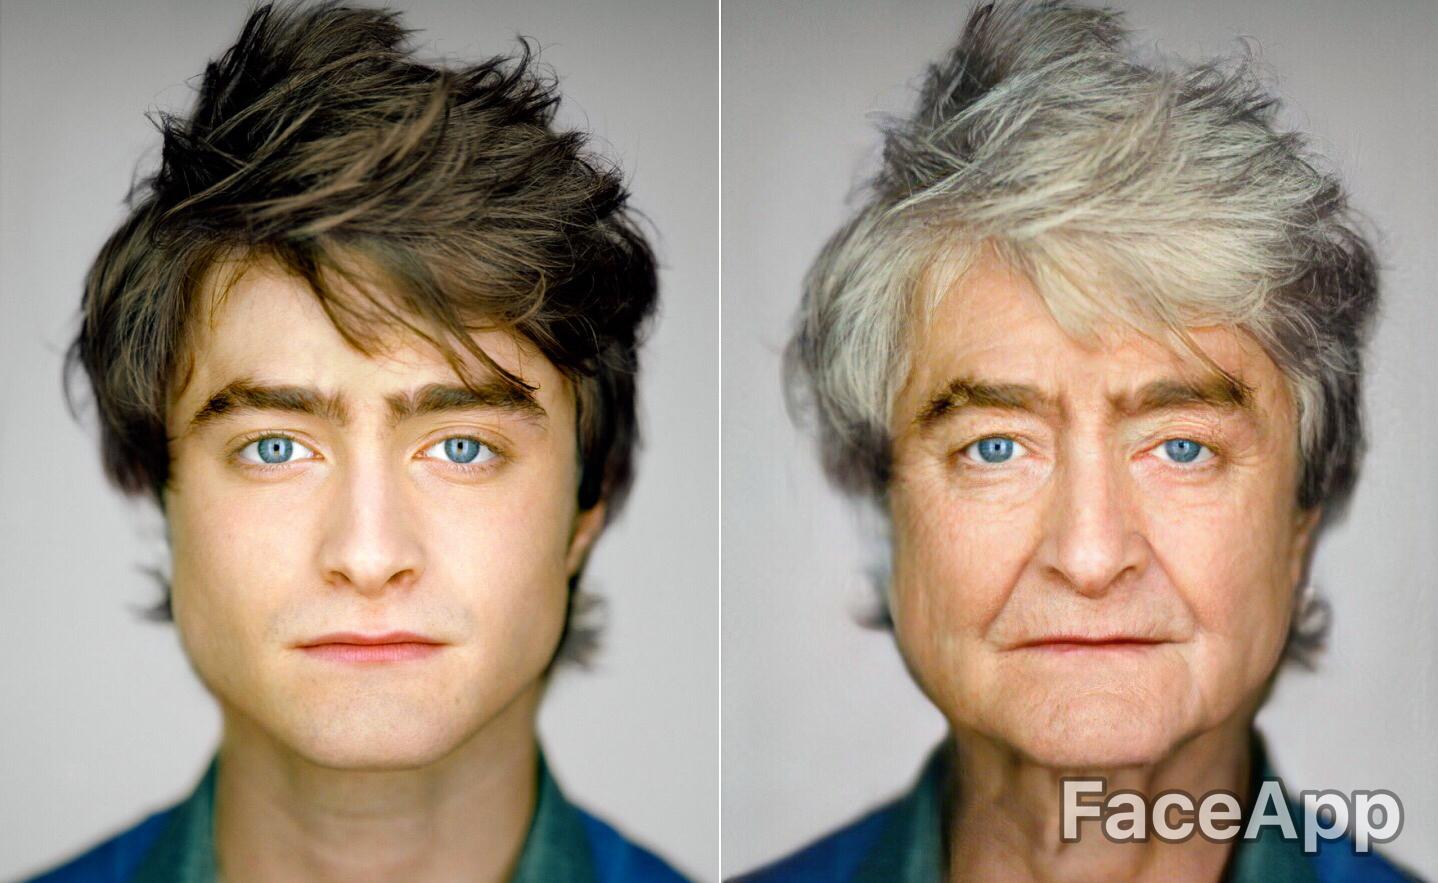 The Best Face App Meme JPG